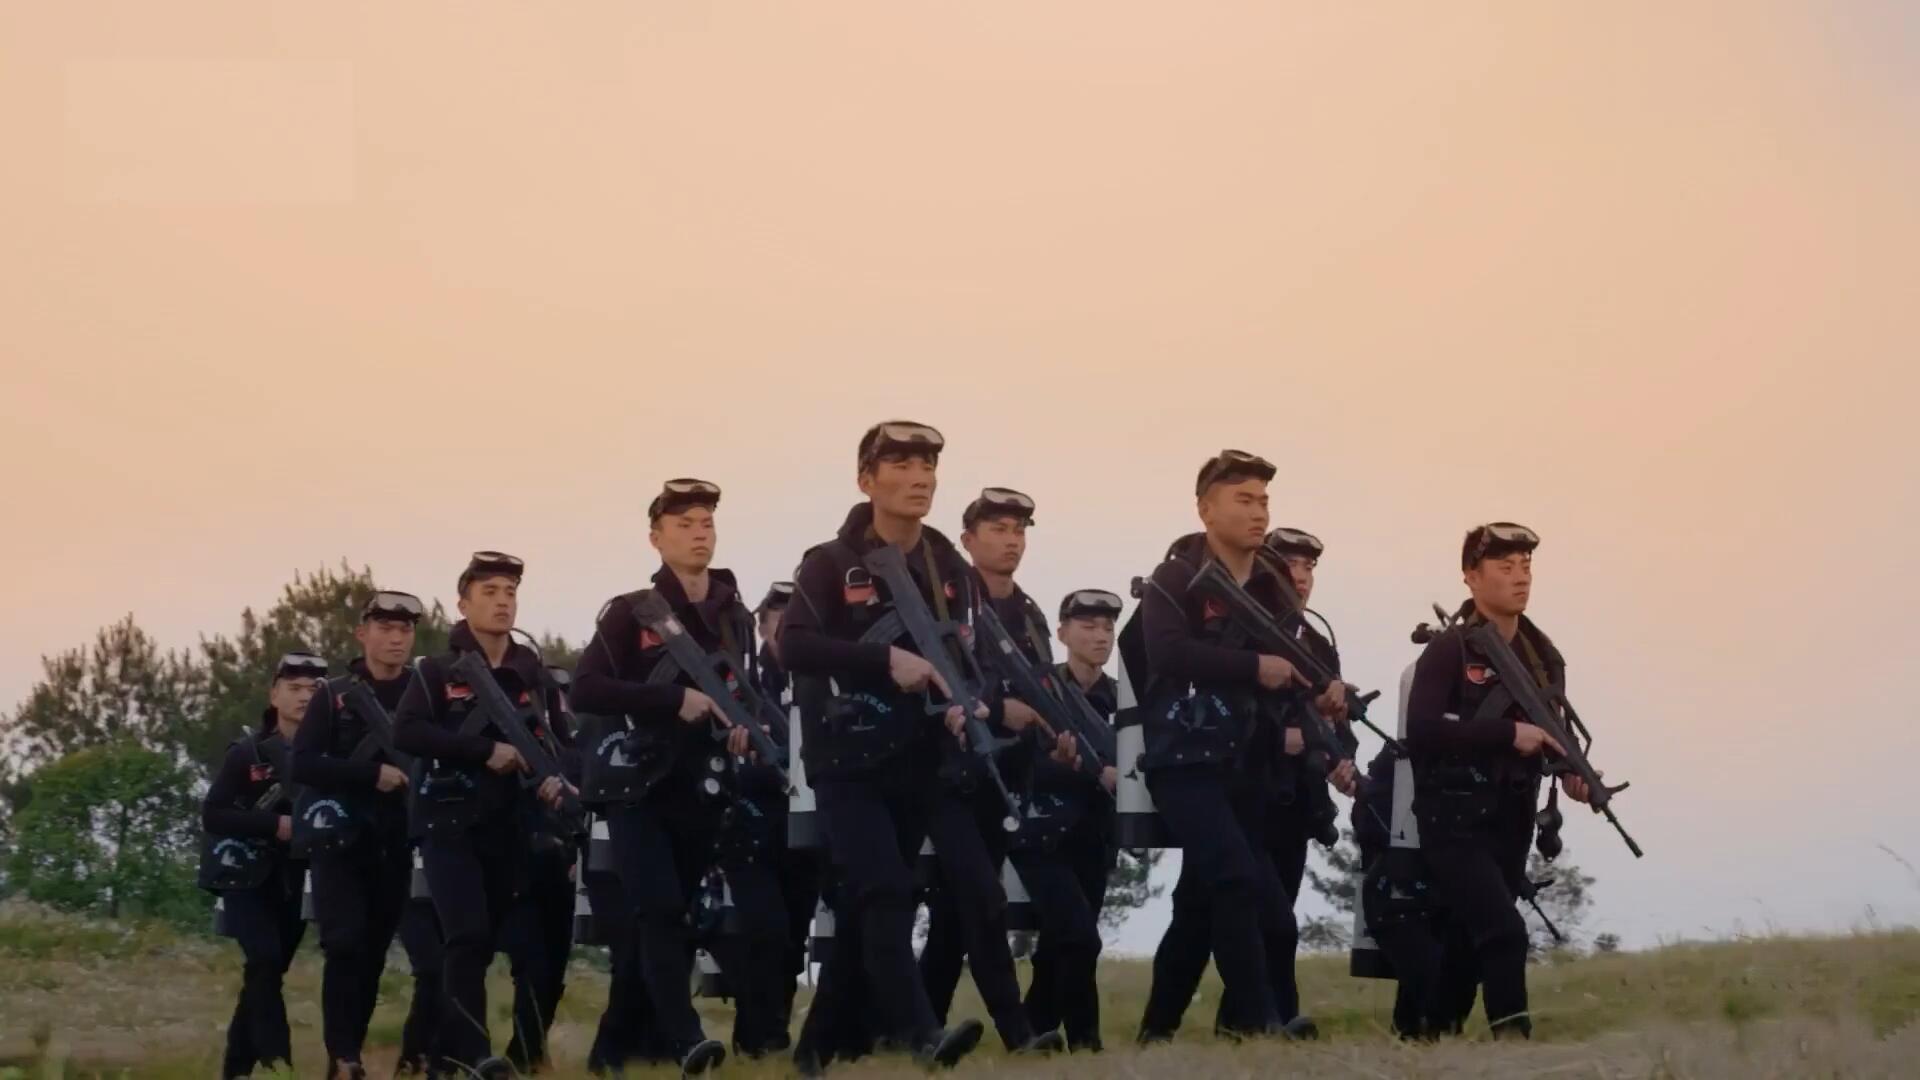 中国海军工程大学,发布2020年宣传片,《遇见,青春有你》!